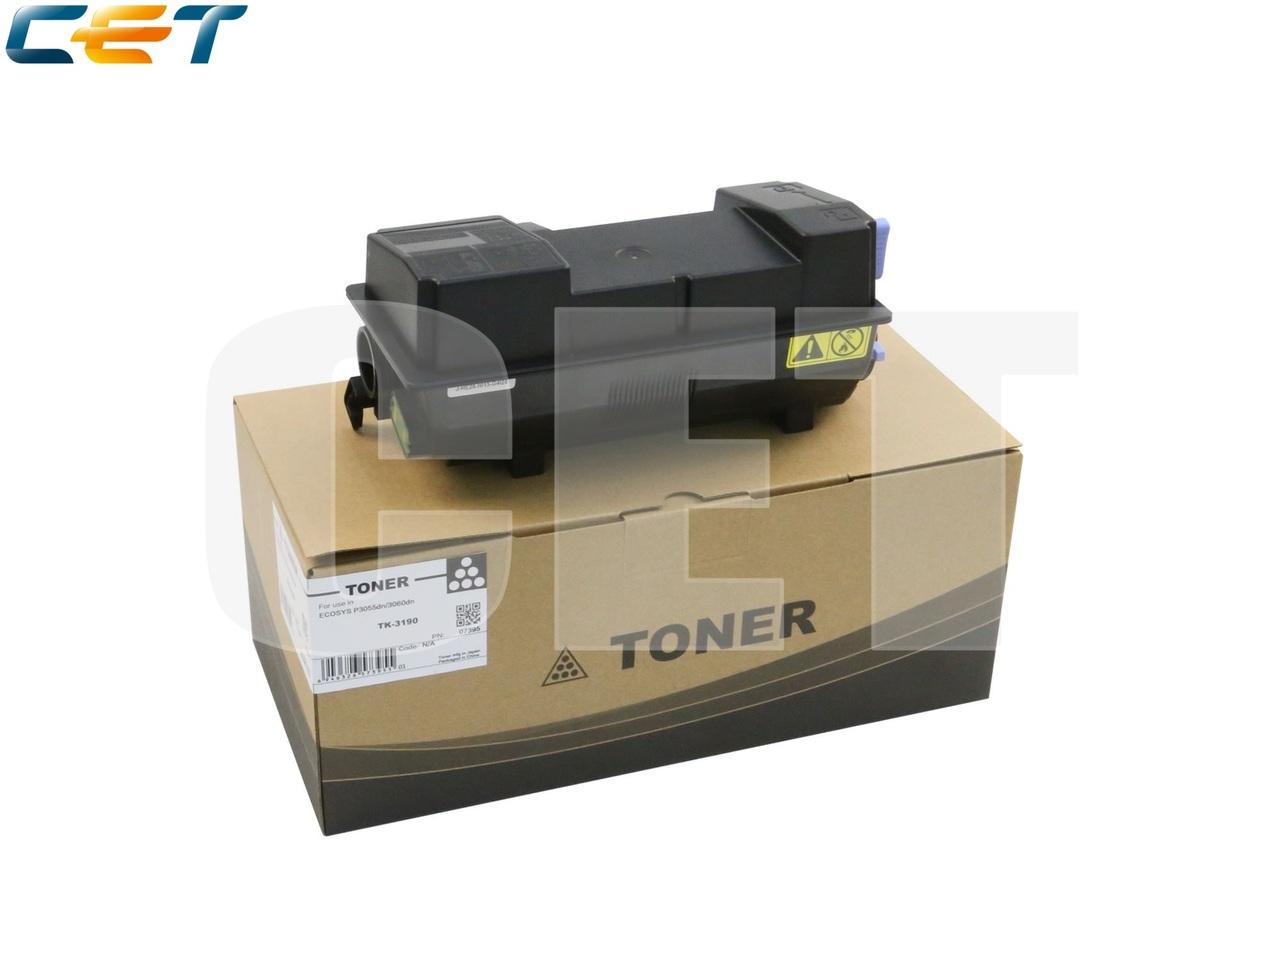 Тонер-картридж (PK9/PK10) TK-3190 для KYOCERA ECOSYSP3055dn (CET), 680г, 25000 стр., CET7395